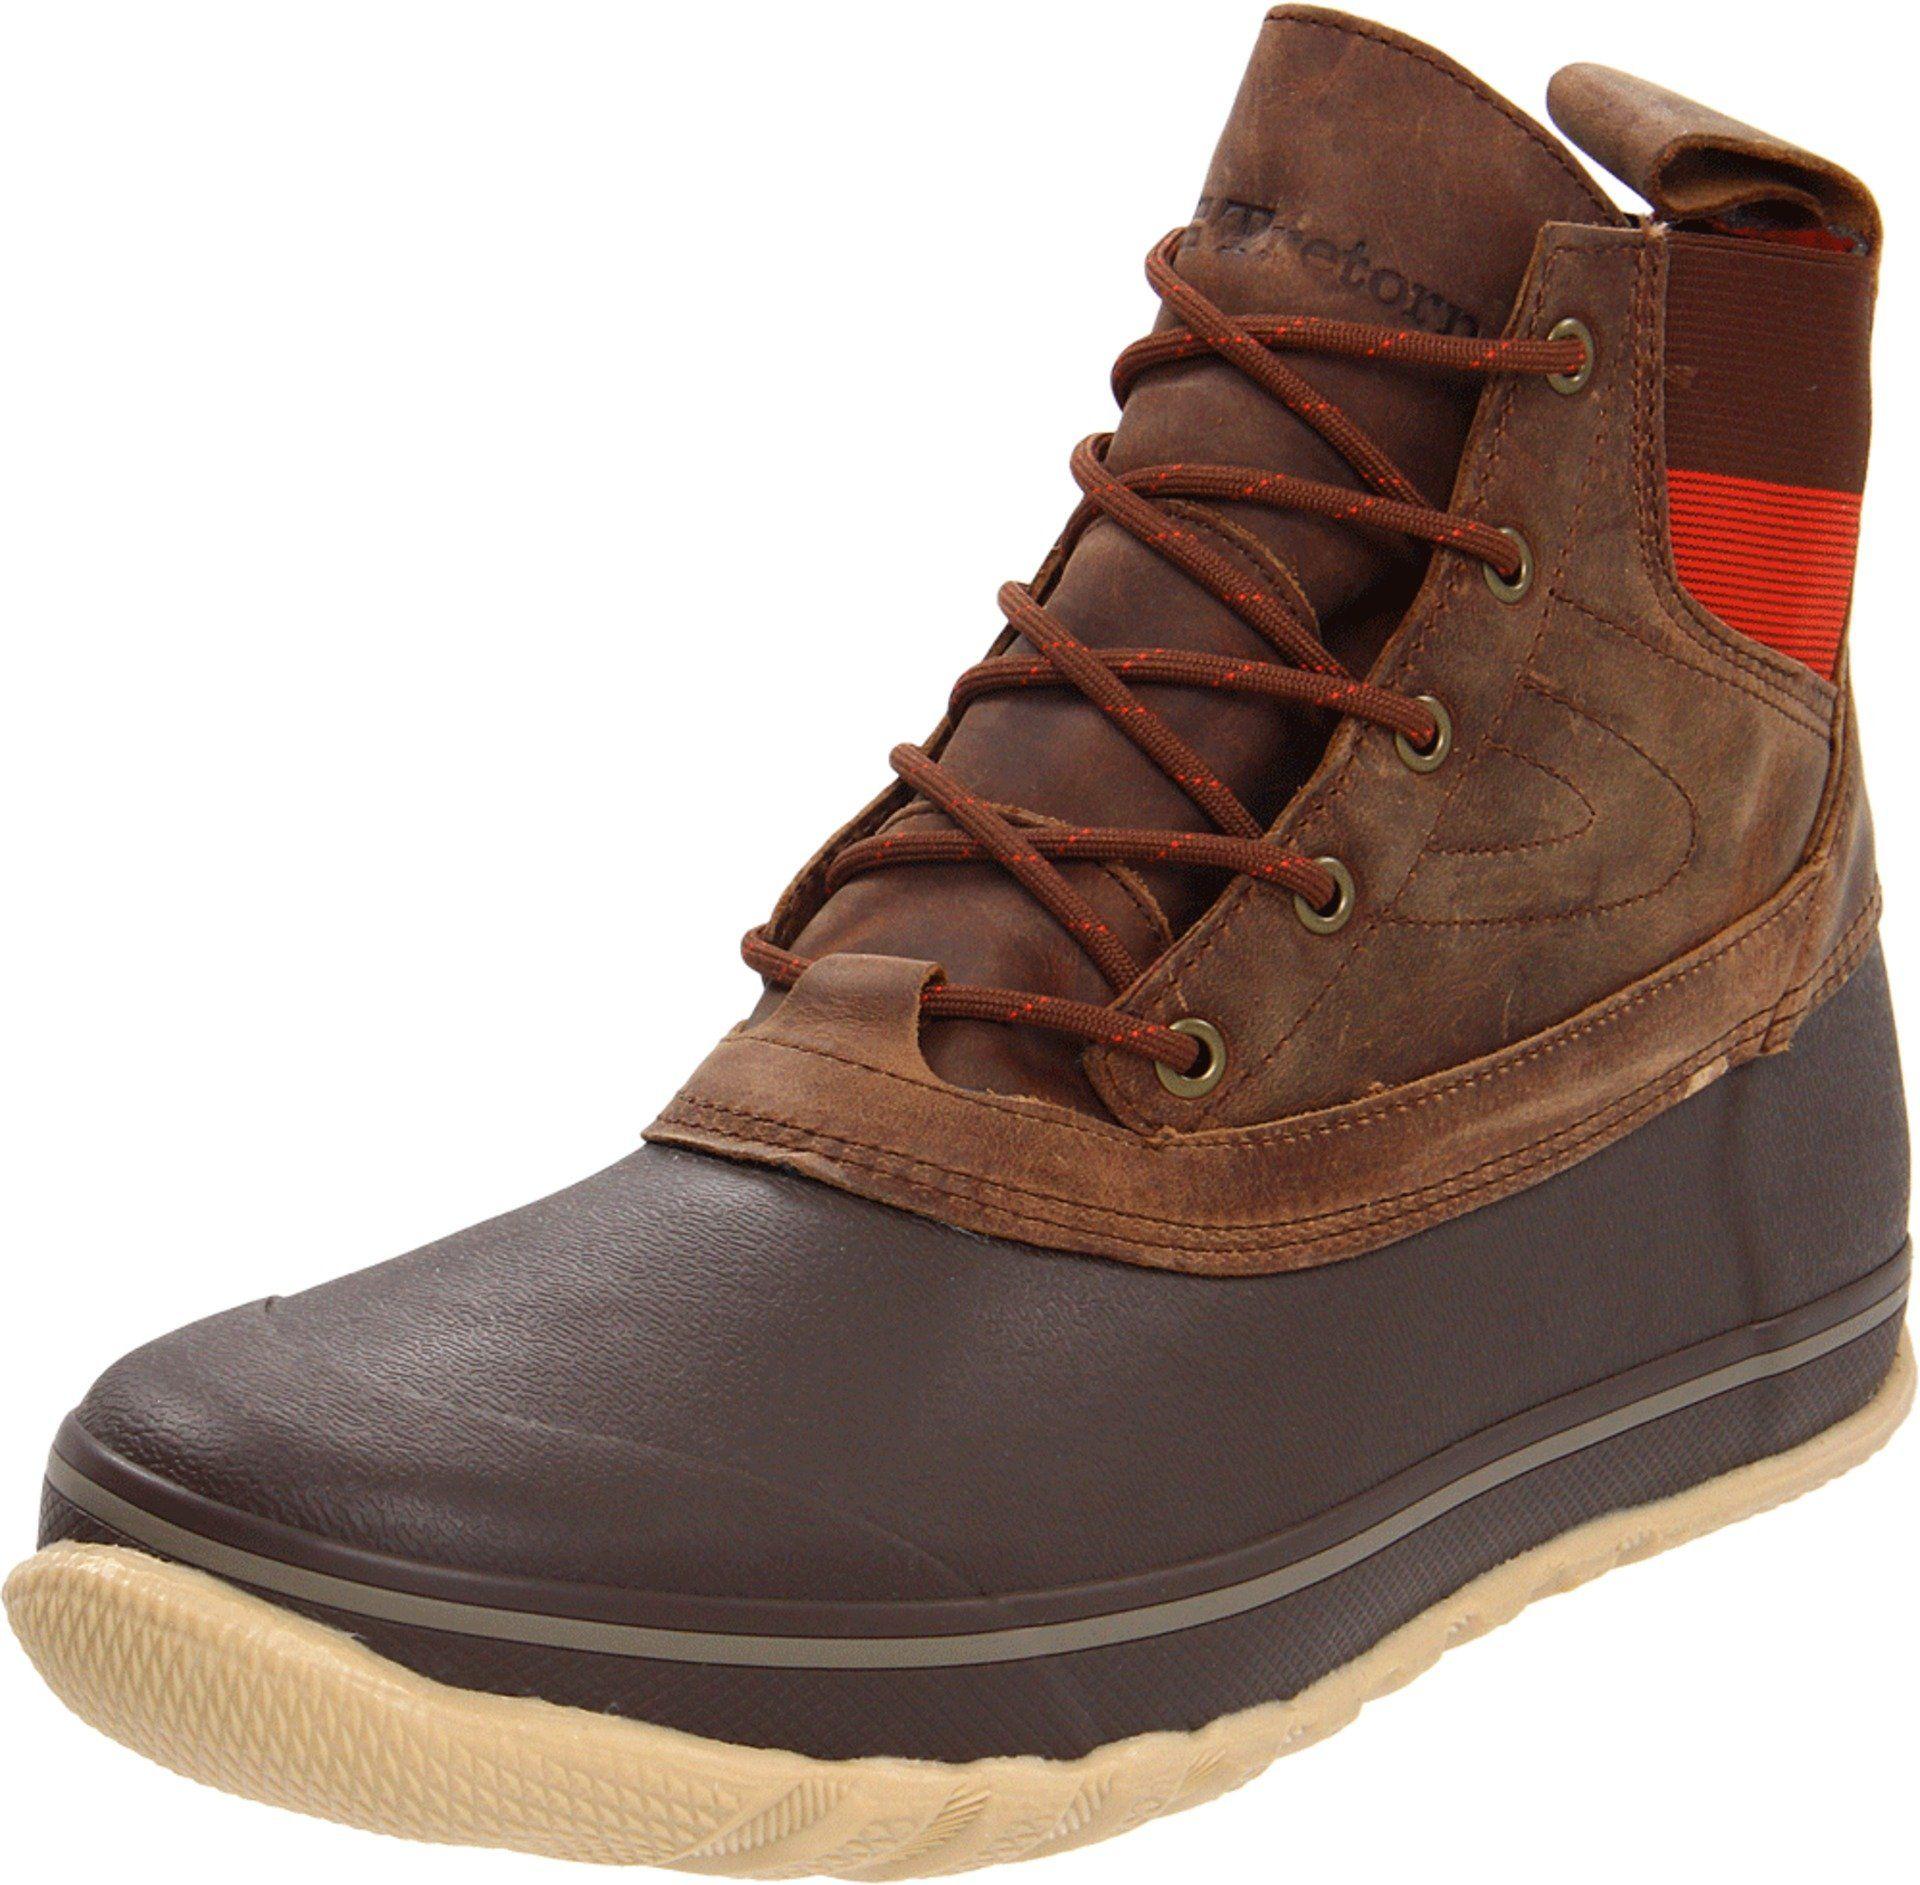 Tretorn Men's Abisko Boot,Brown,39 EU/7 D US